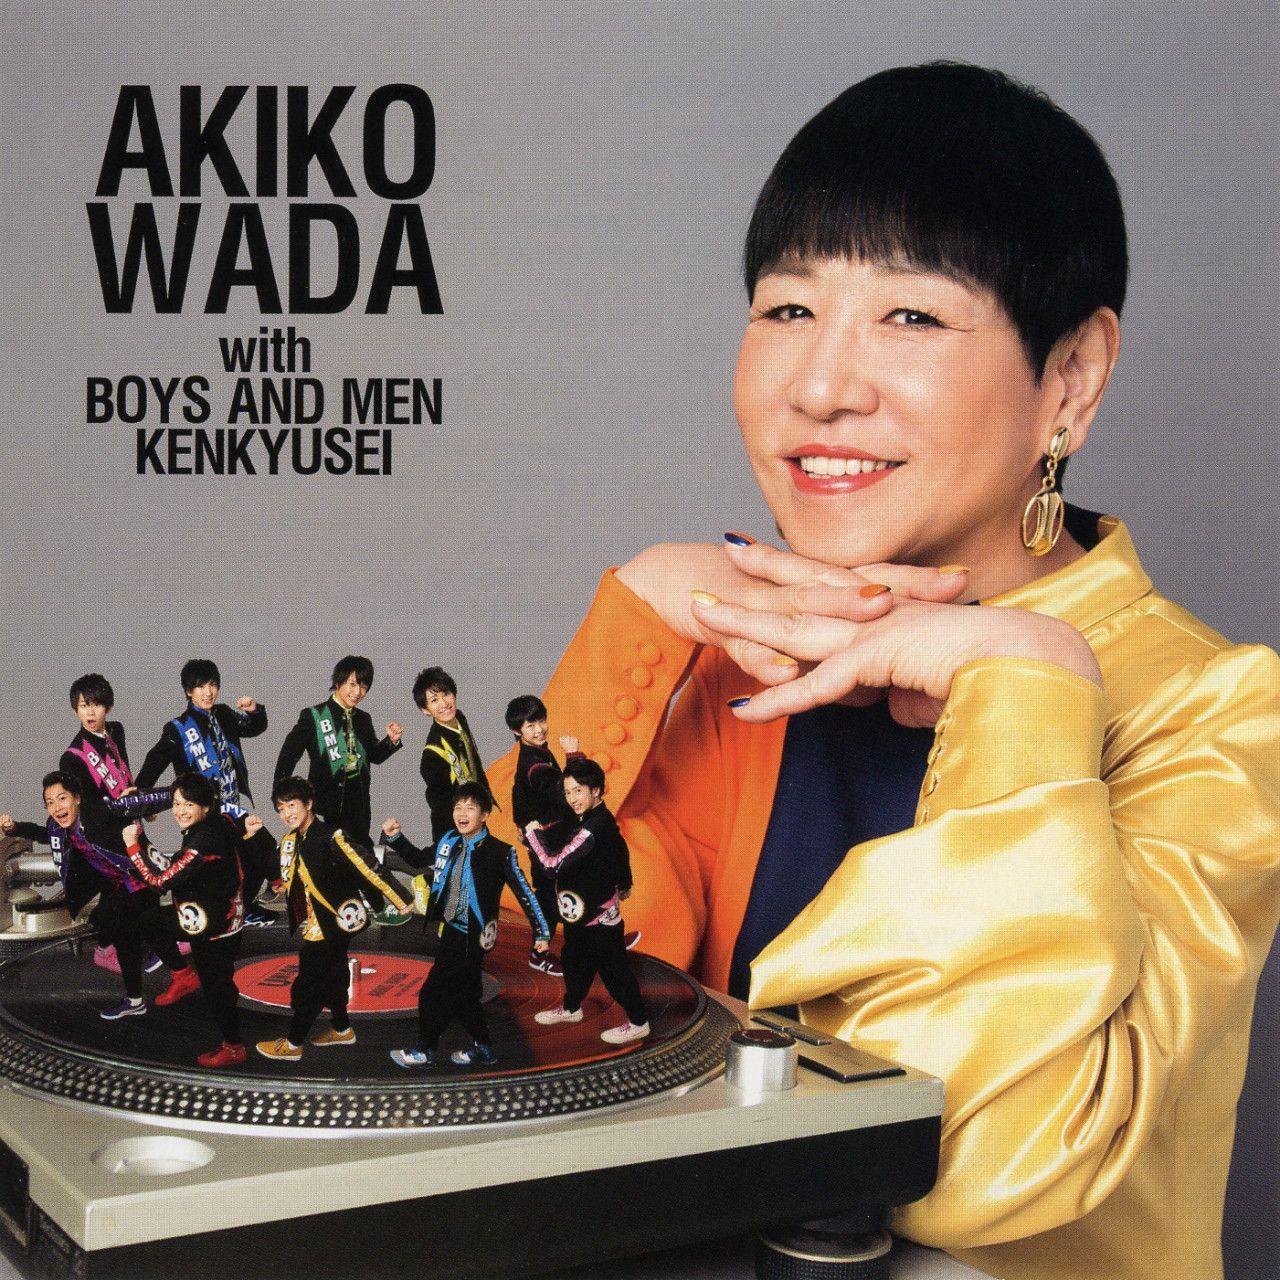 愛を頑張って/和田アキ子 with BOYS AND MEN 研究生(テイチク)和田アキ子は今年デビュー50周年。